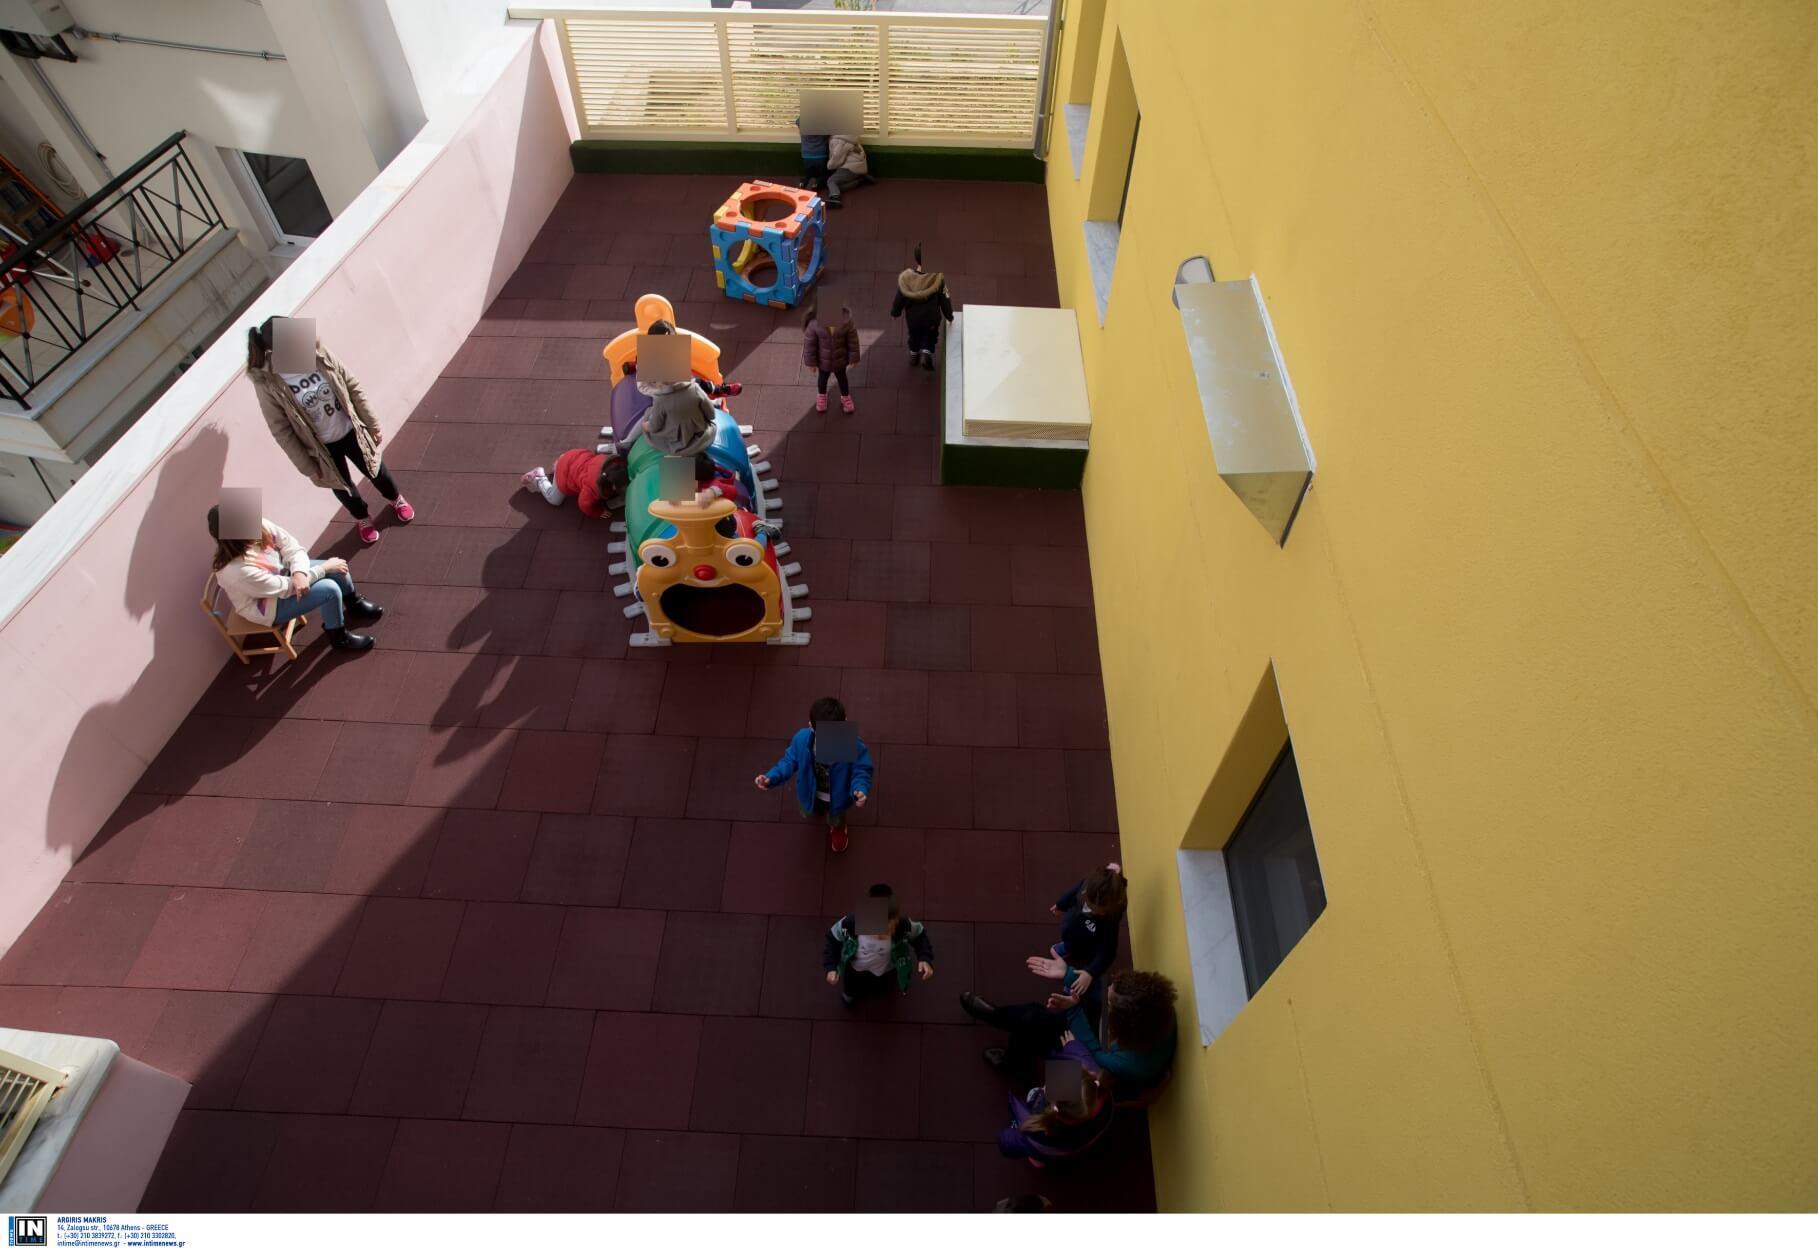 ΕΕΤΑΑ Παιδικοί Σταθμοί ΕΣΠΑ 2020-21: Βγήκε η πρόσκληση, ξεκινούν οι αιτήσεις